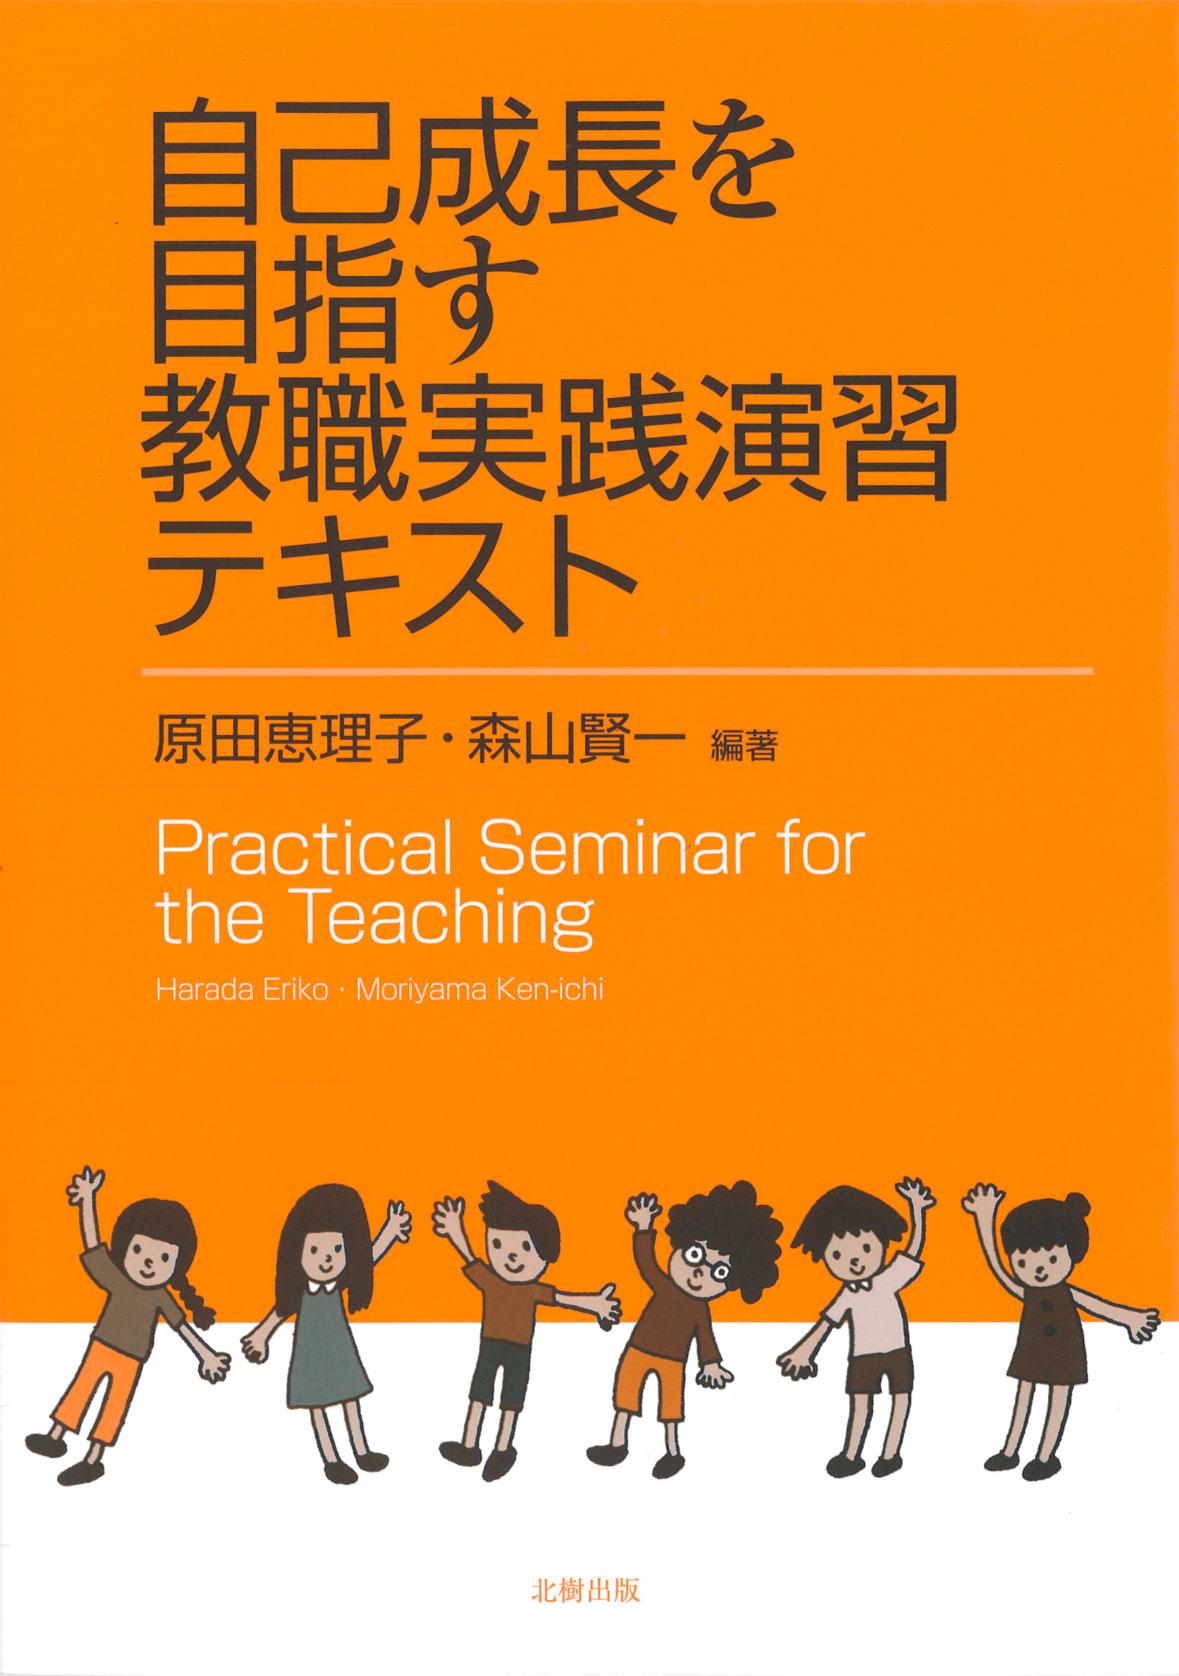 自己成長を目指す教職実践演習テキスト